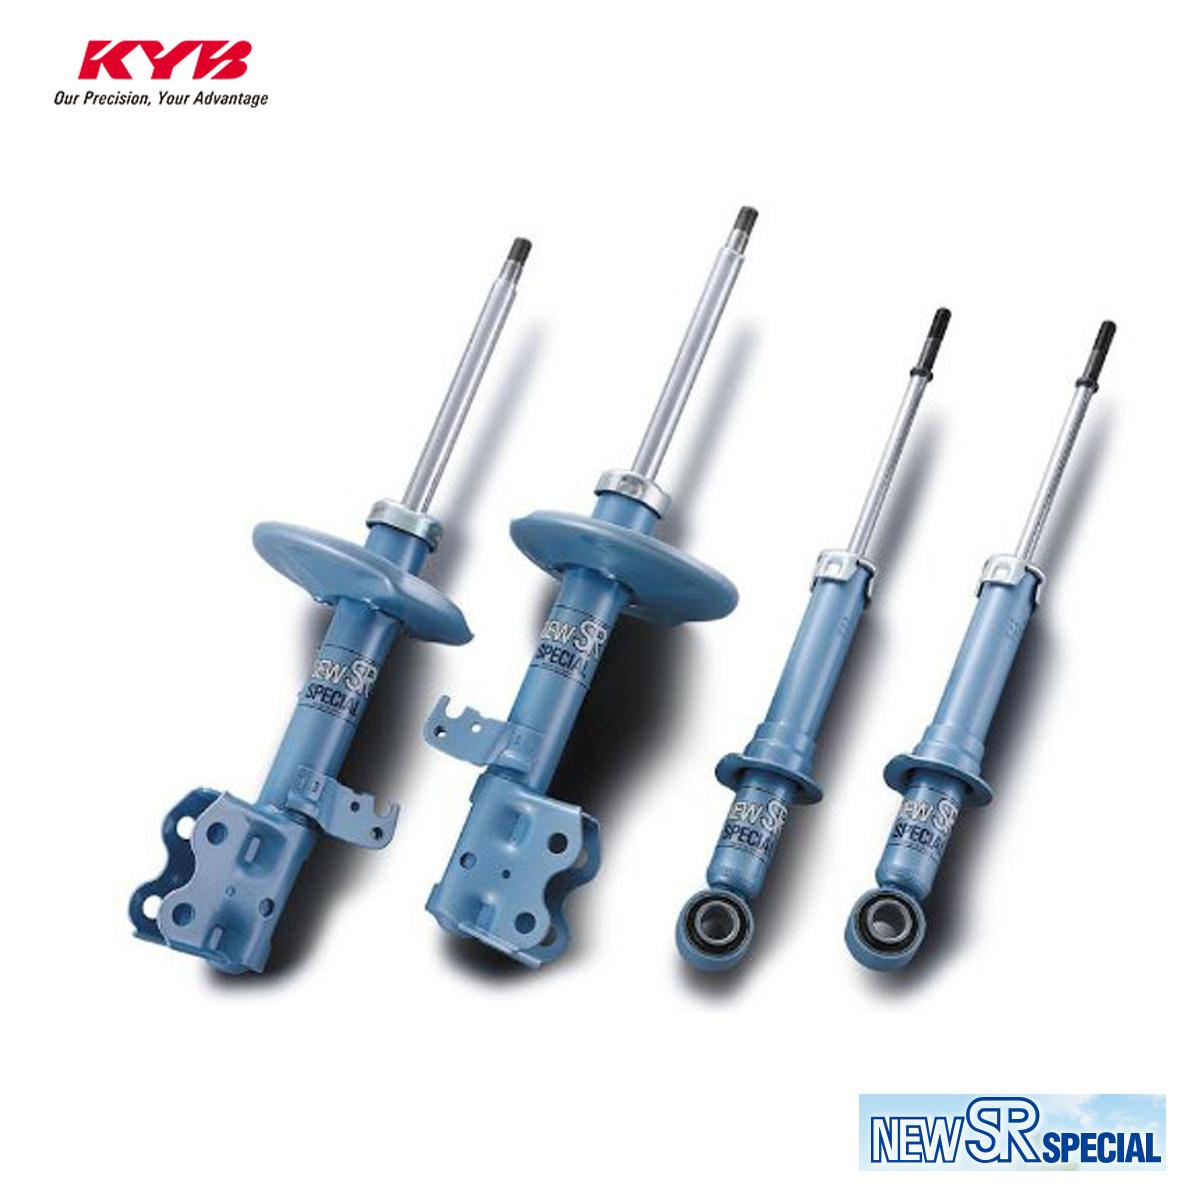 KYB カヤバ プレサージュ VNU30 ショックアブソーバー フロント 右用 1本 NEW SR SPECIAL NST5178ZR 配送先条件有り